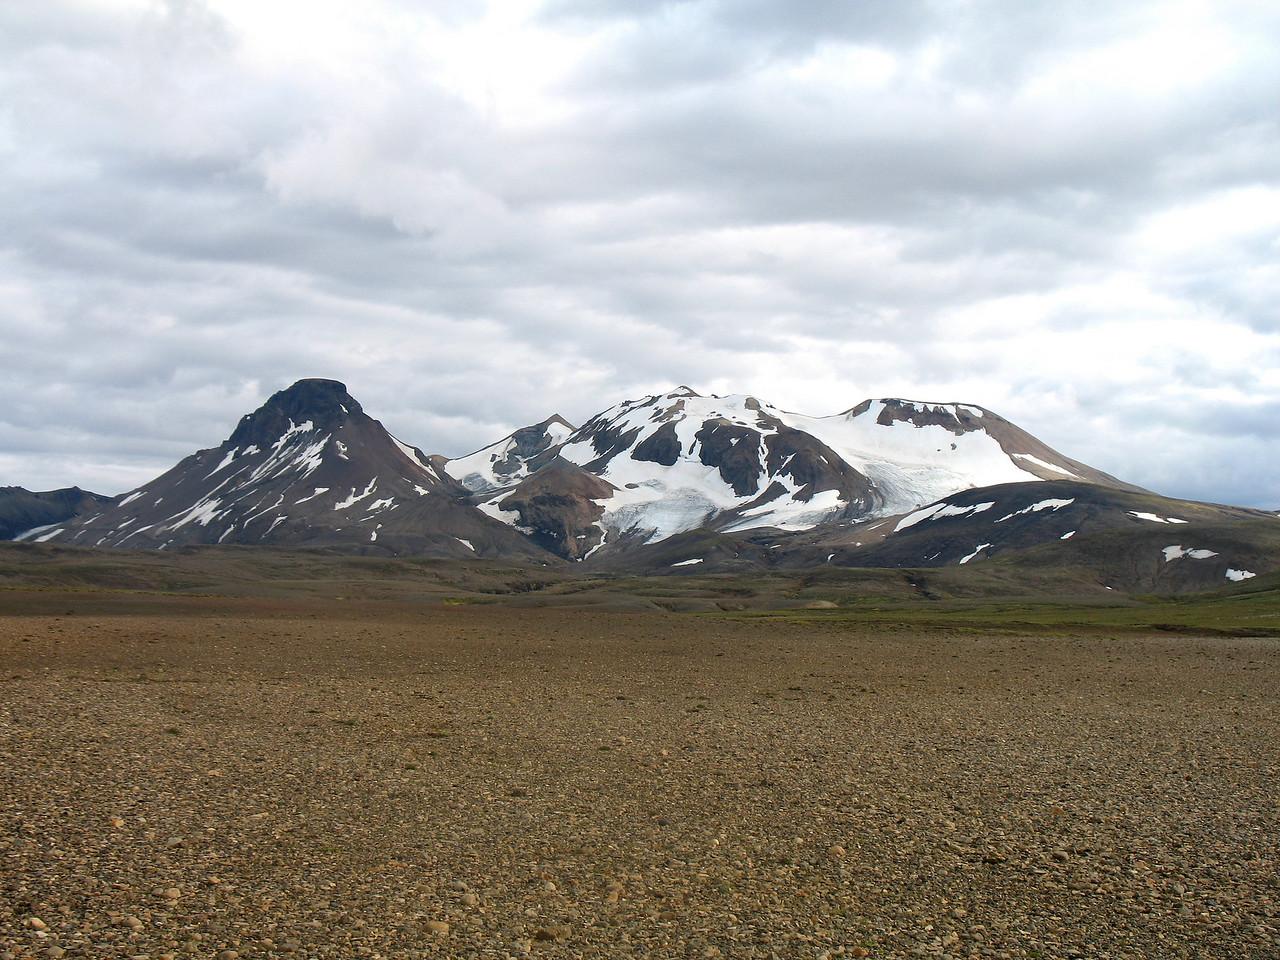 Að fjallgöngunni lokinni fórum við í bíltúr, ókum leiðina sem ligur í Setrið. Hér sjást fjöllin, Loðmundur, Snót, Snækollur og Fannborg.